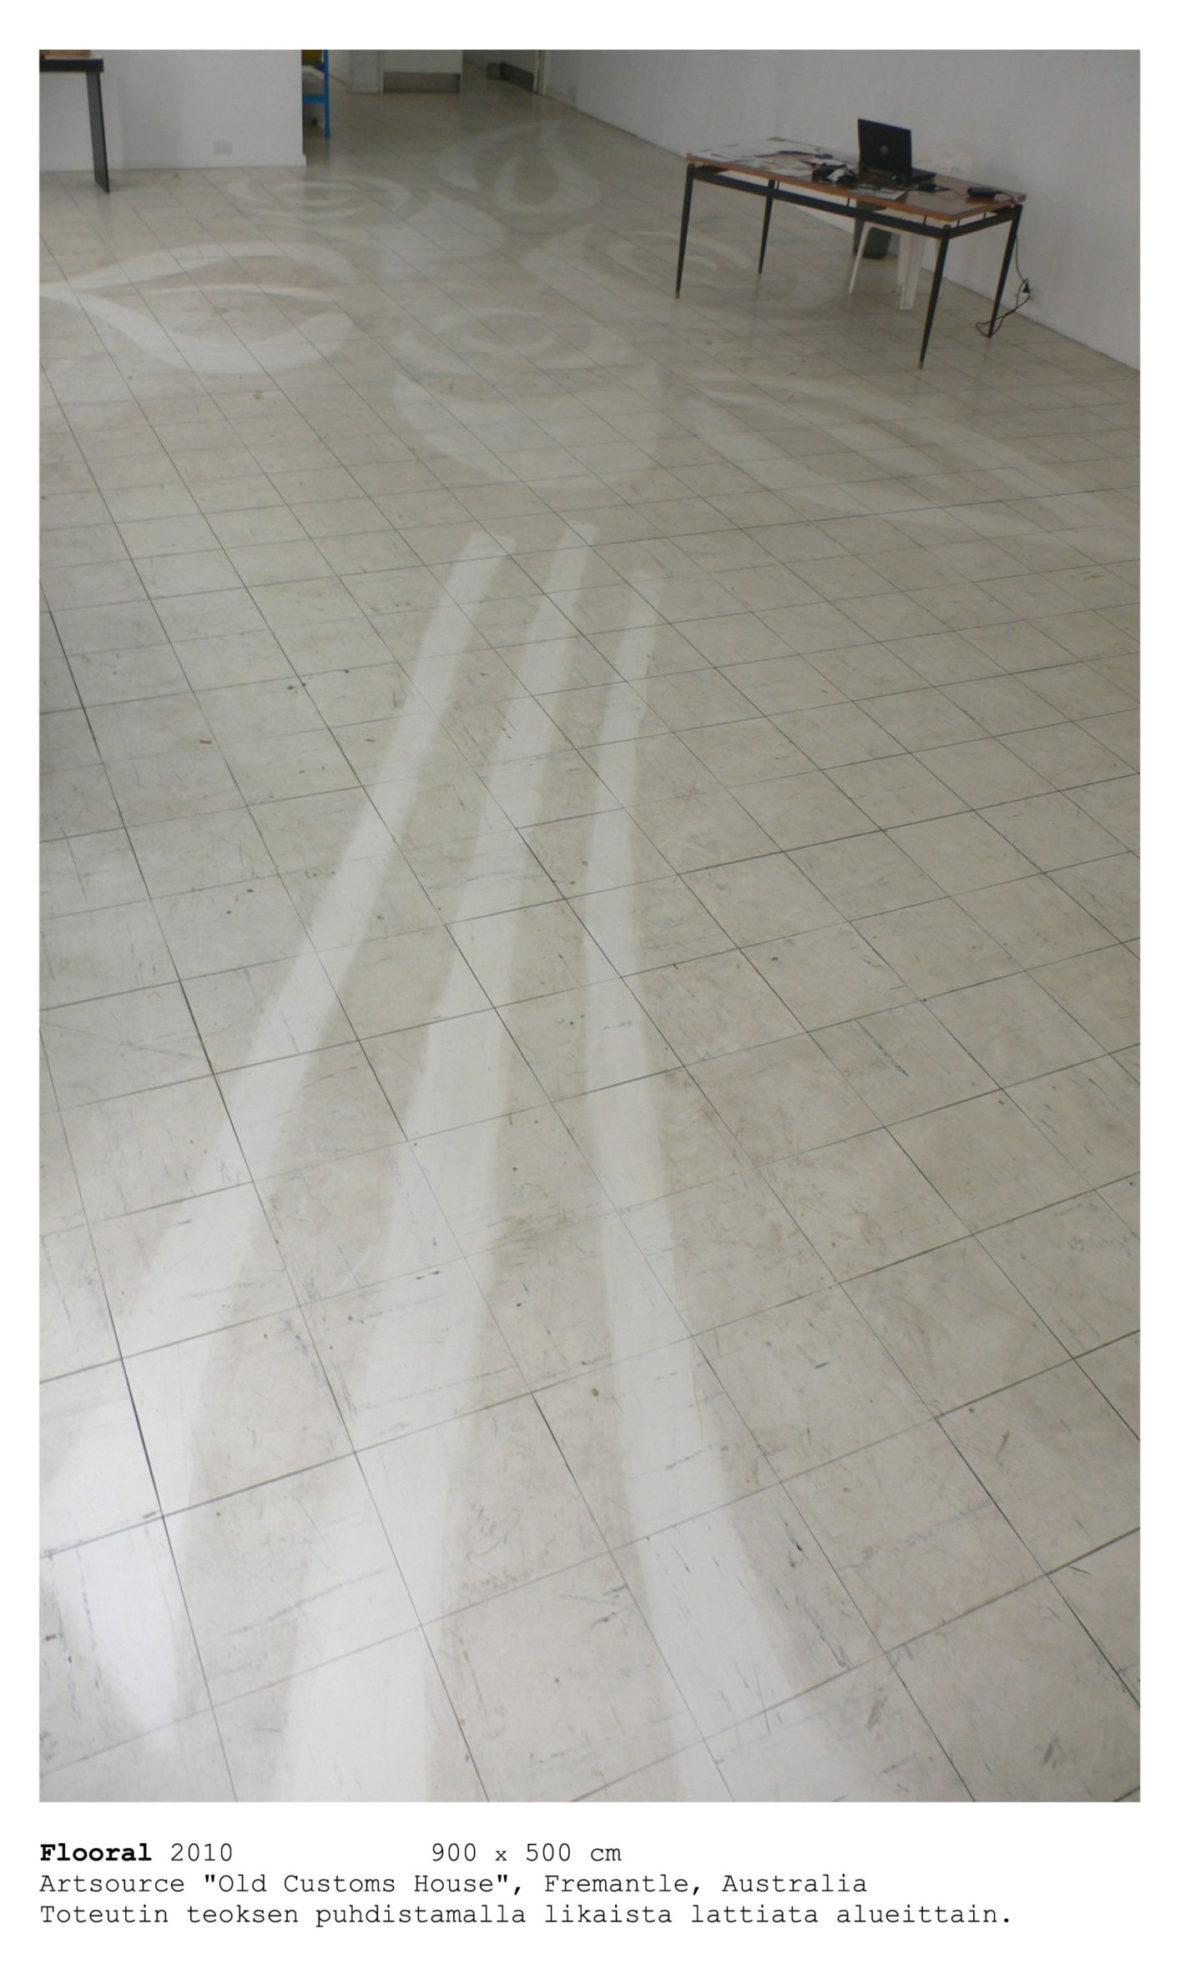 Flooral